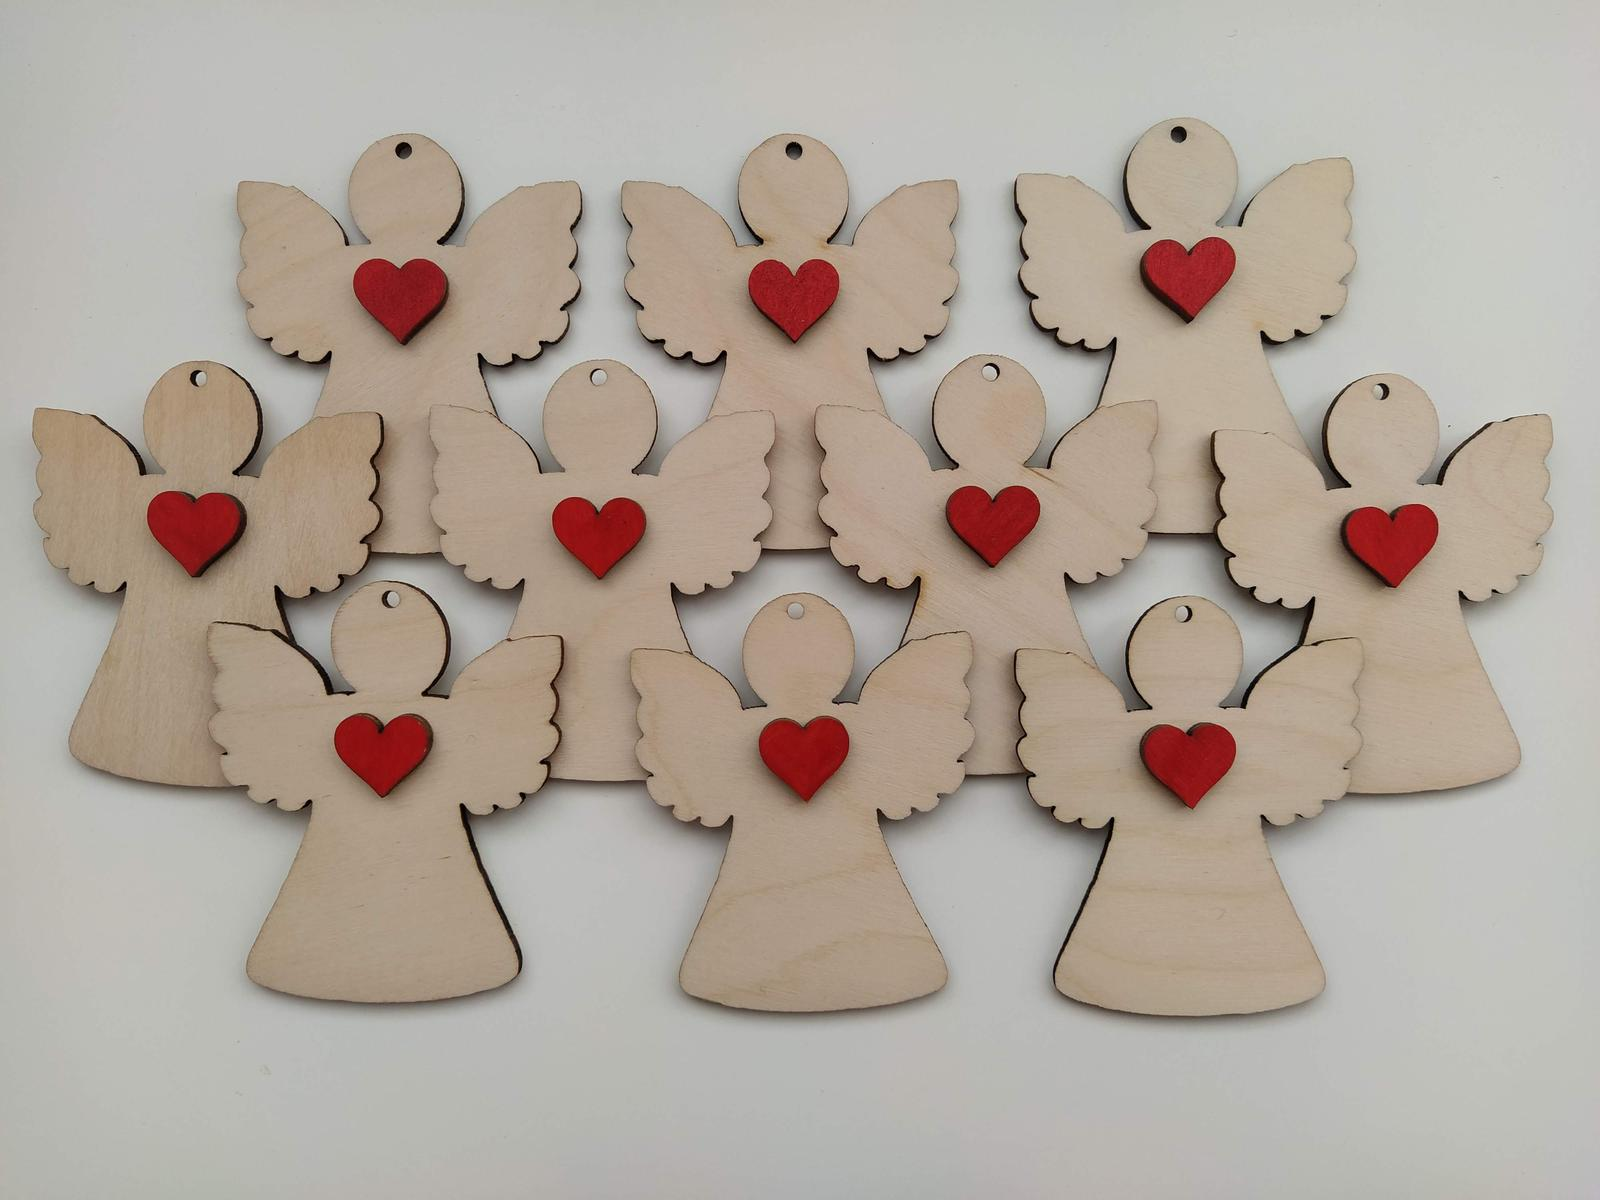 Drevené darčeky pre svadobných hostí - Obrázok č. 1